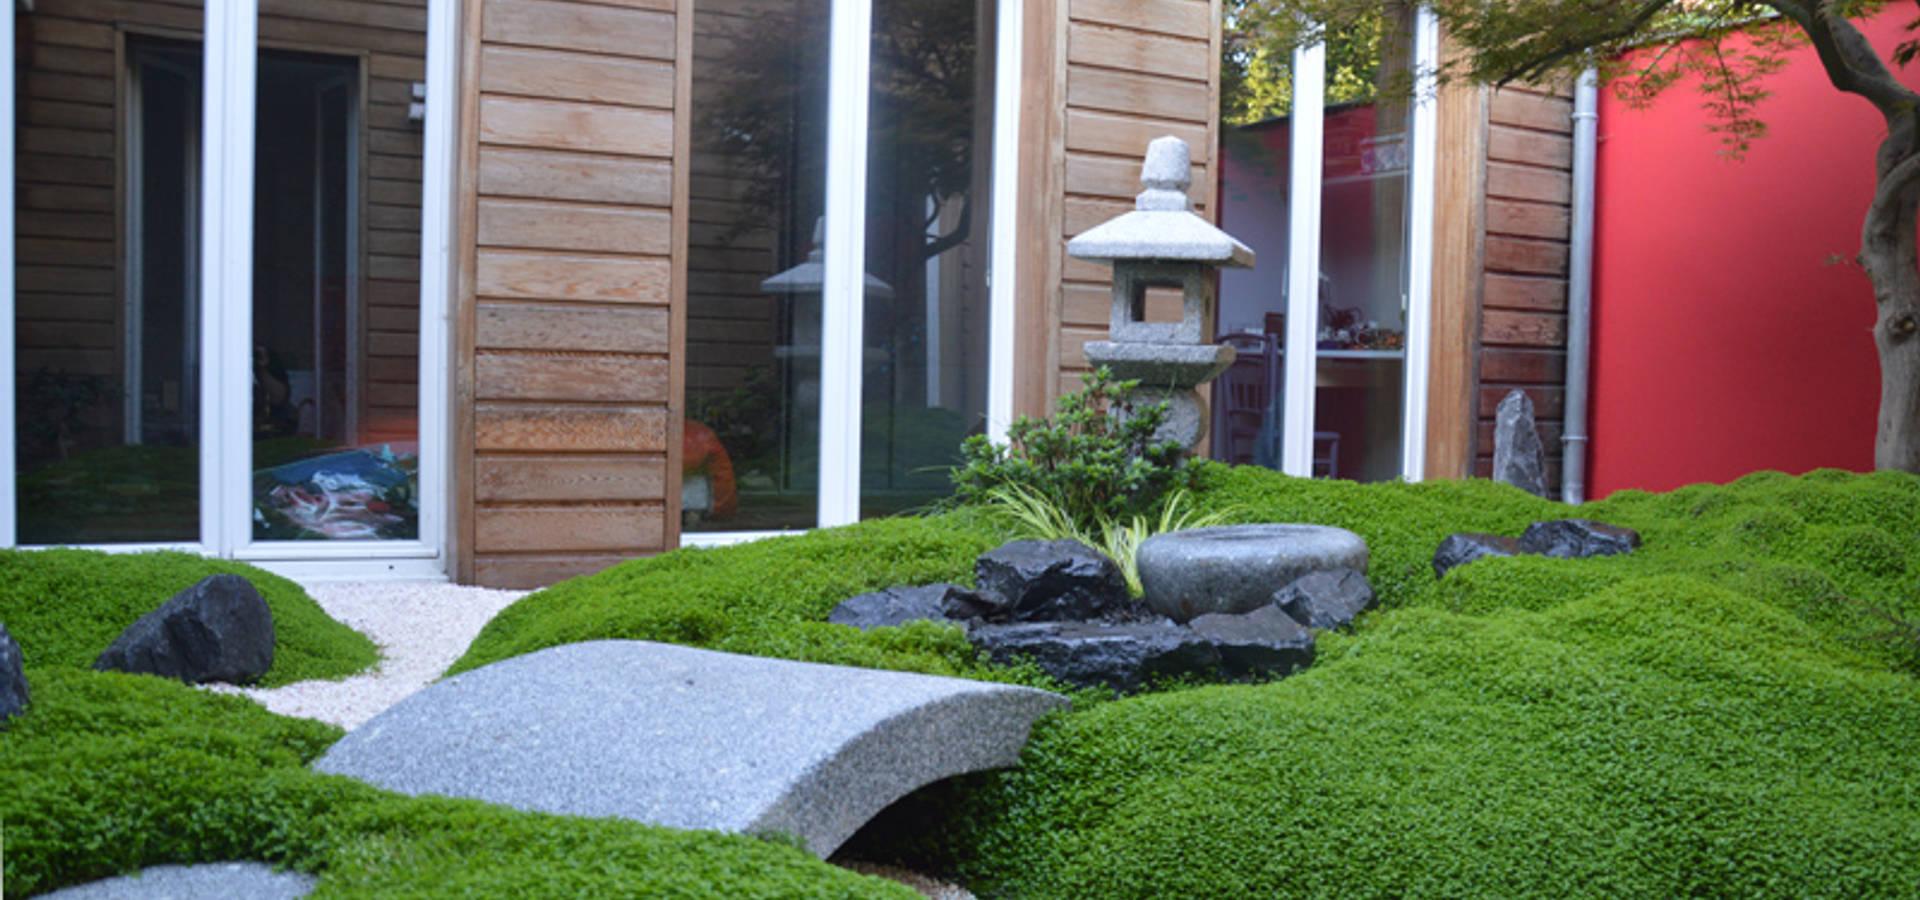 Jardin japonais bassin by jardin japonais homify for Bassin de jardin japonais